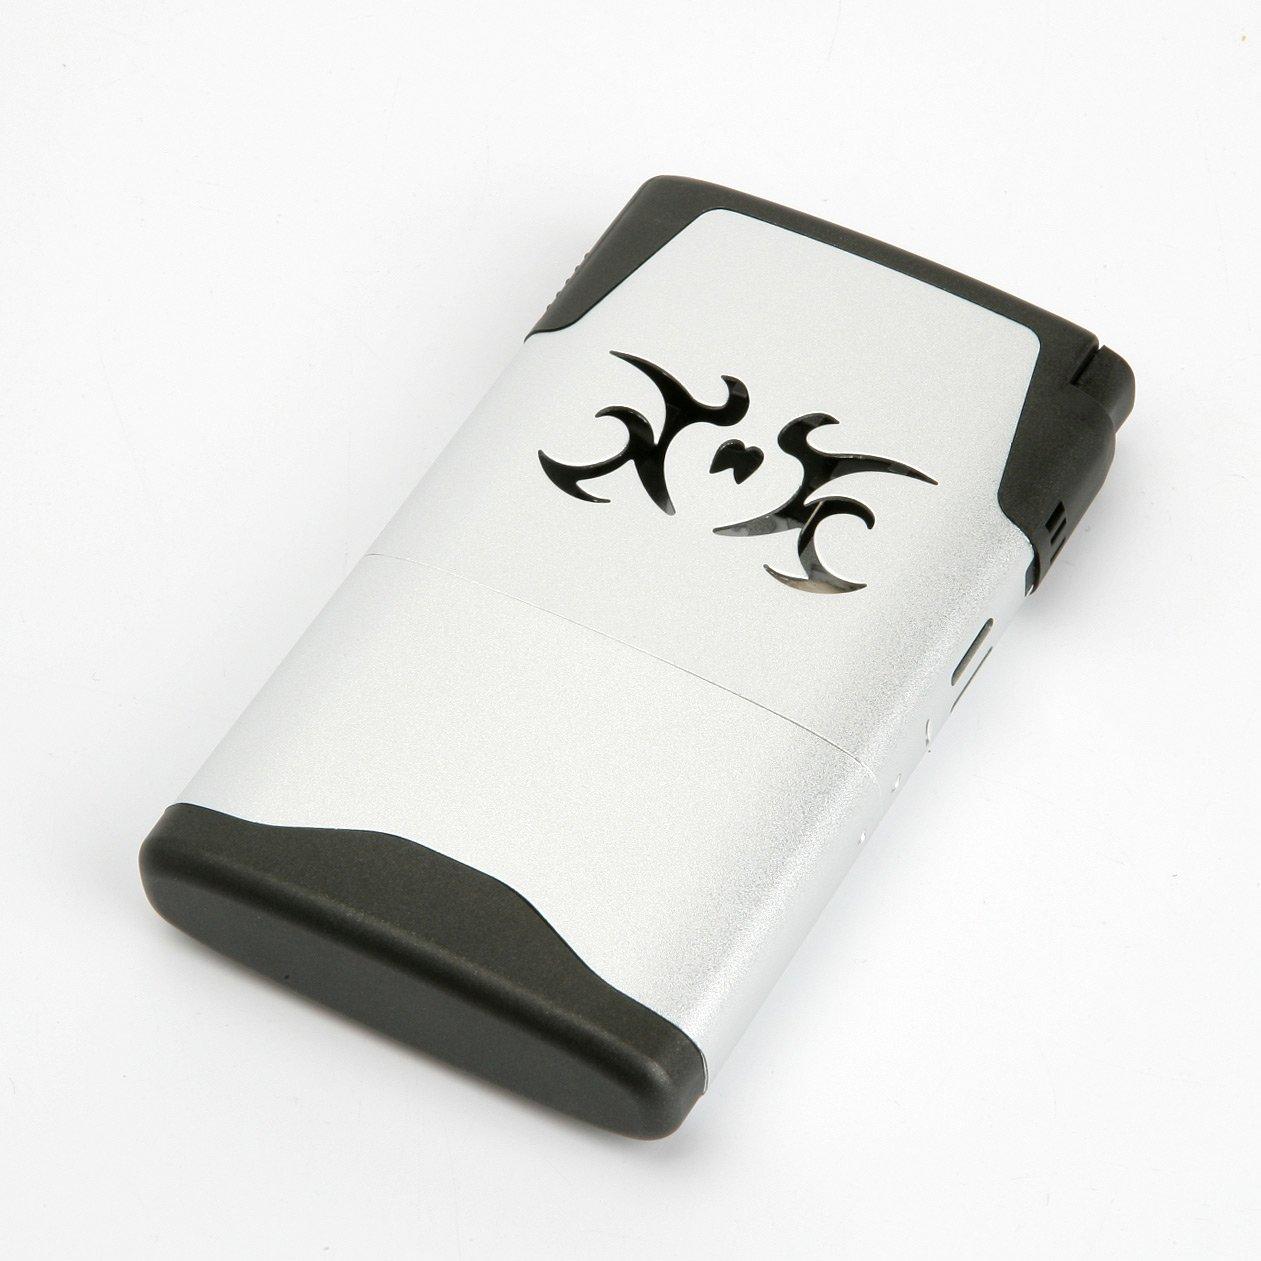 sans flamme jusqu/à 20/heures de chaleur technologie brevet/ée allumage automatique S-Boston Chaufferettes de poche pour les mains noir